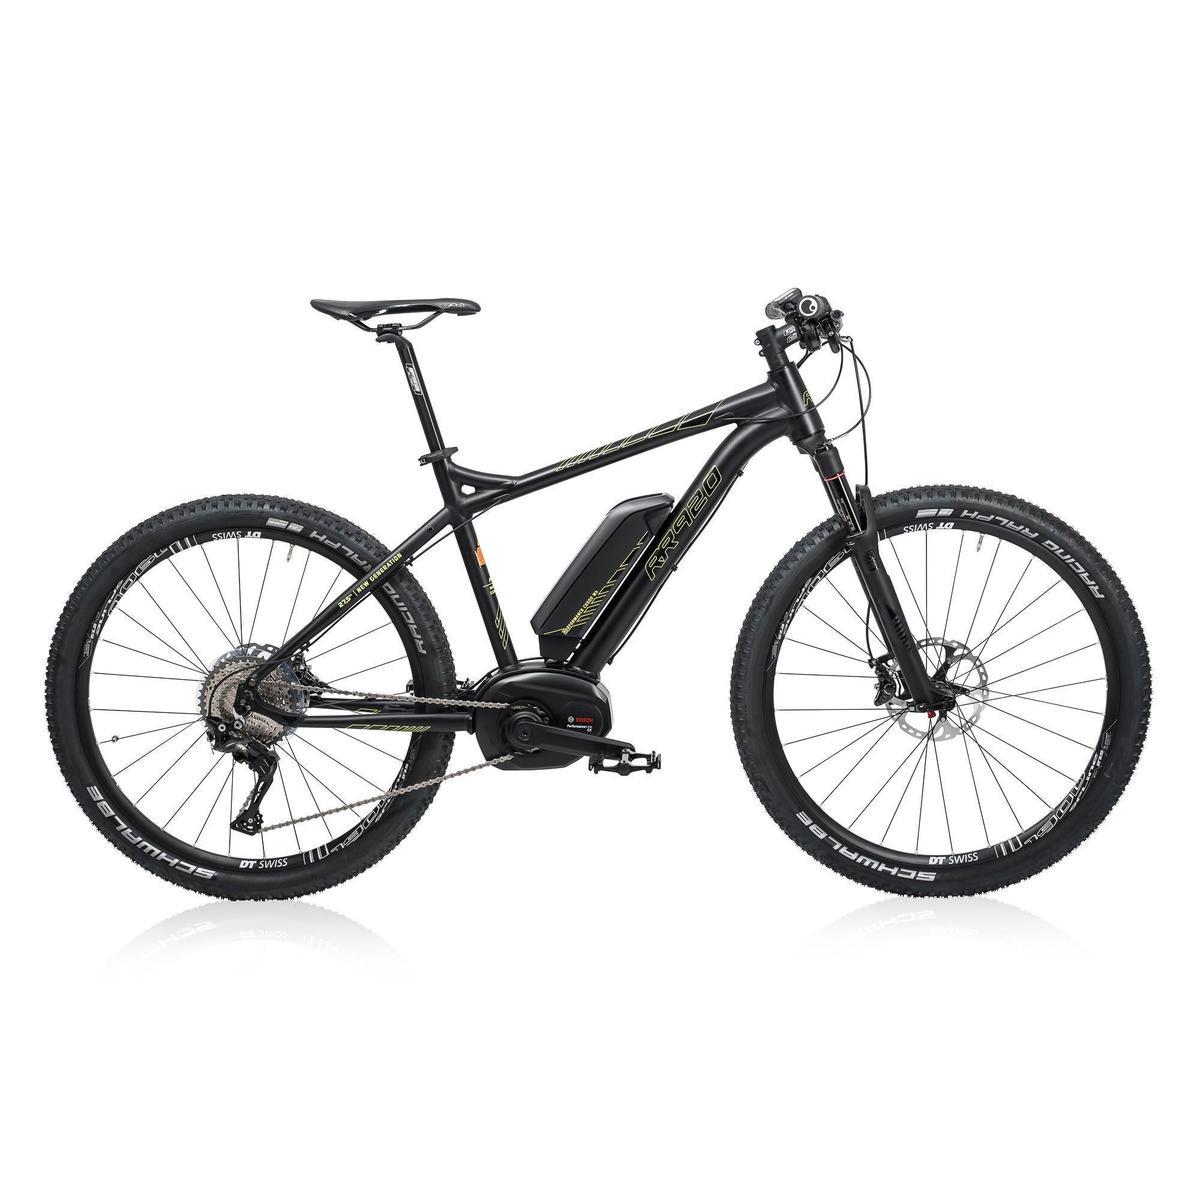 Bild 6 von E-MTB RR920 Performance CX 2018 500WH Alu schwarz/gelb